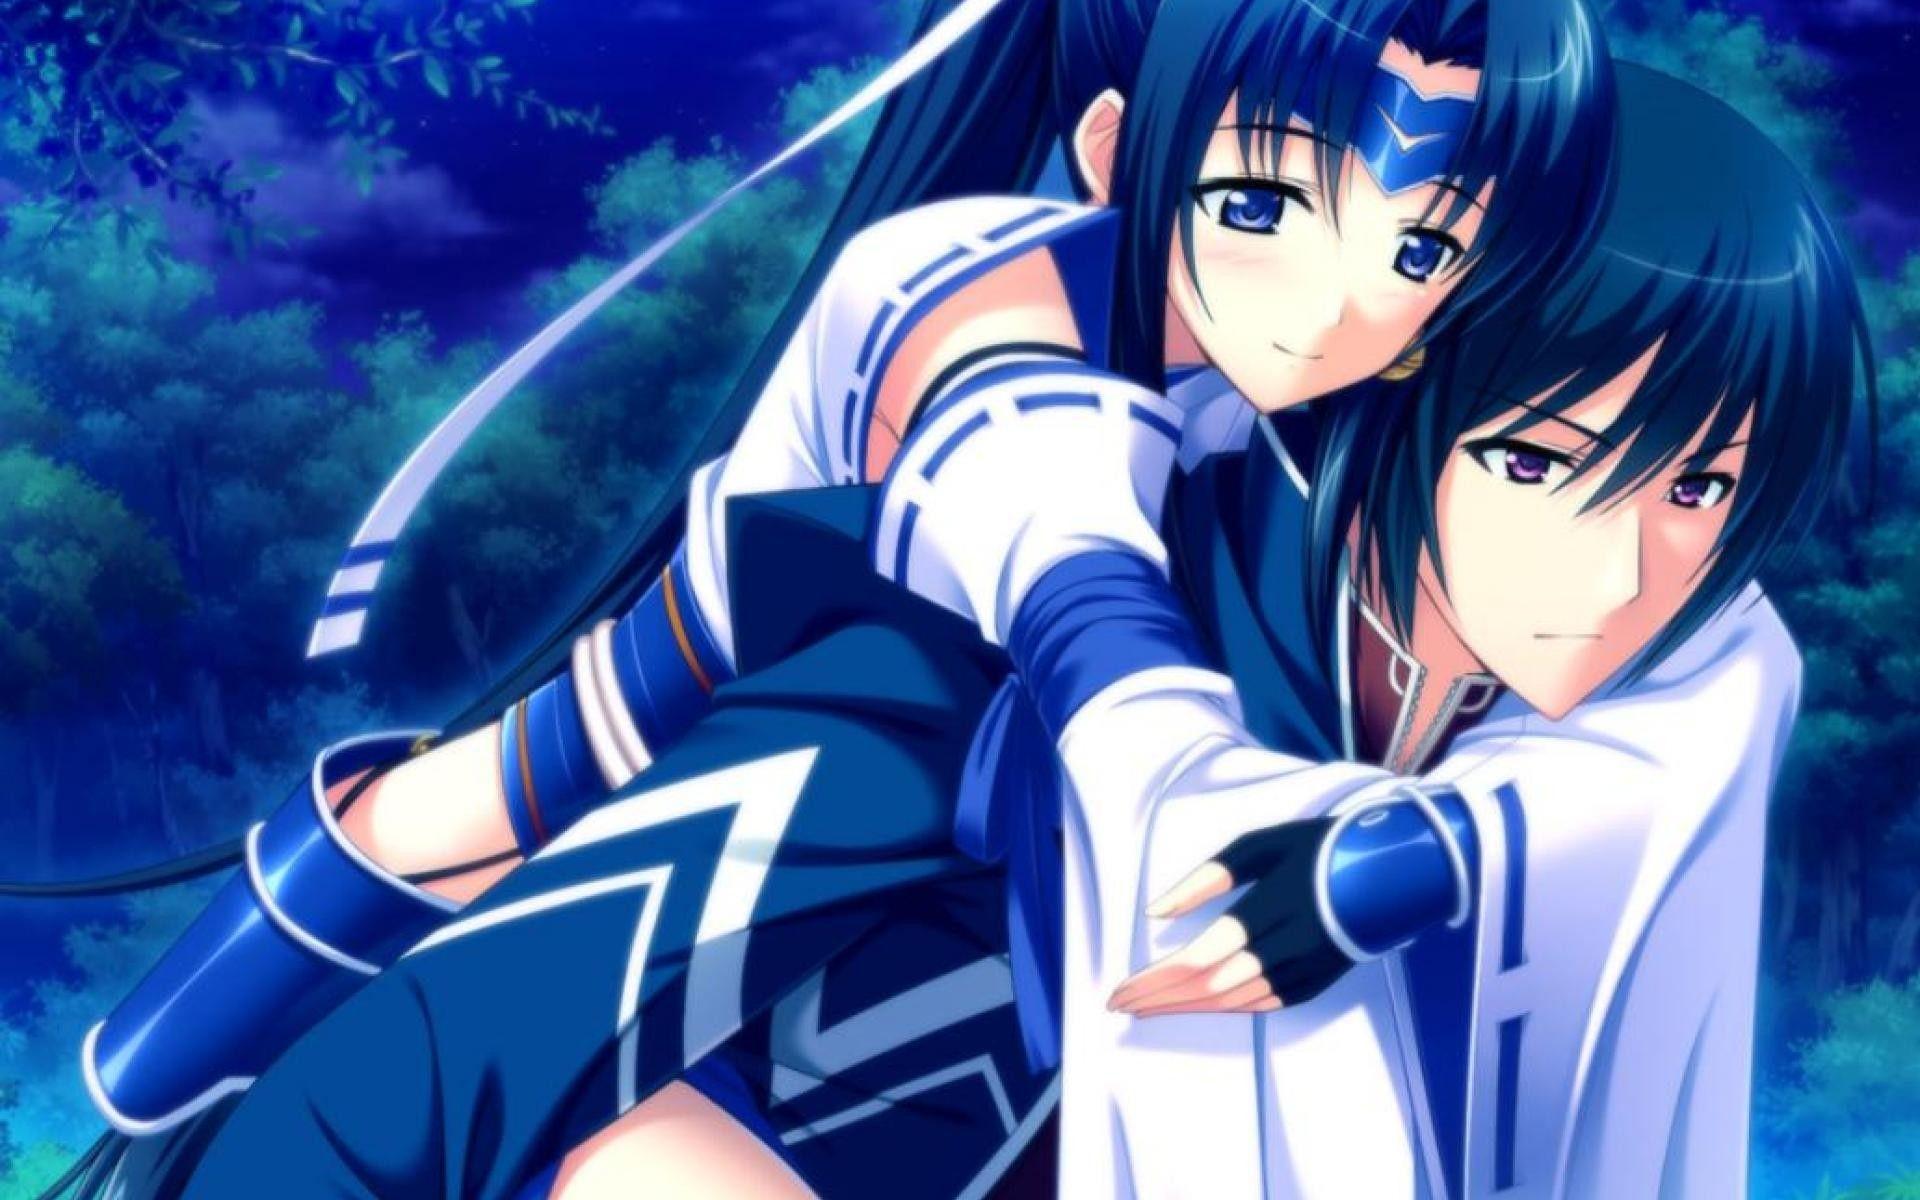 Tuyển tập hình nền Anime tình yêu đẹp và ngọt ngào nhất